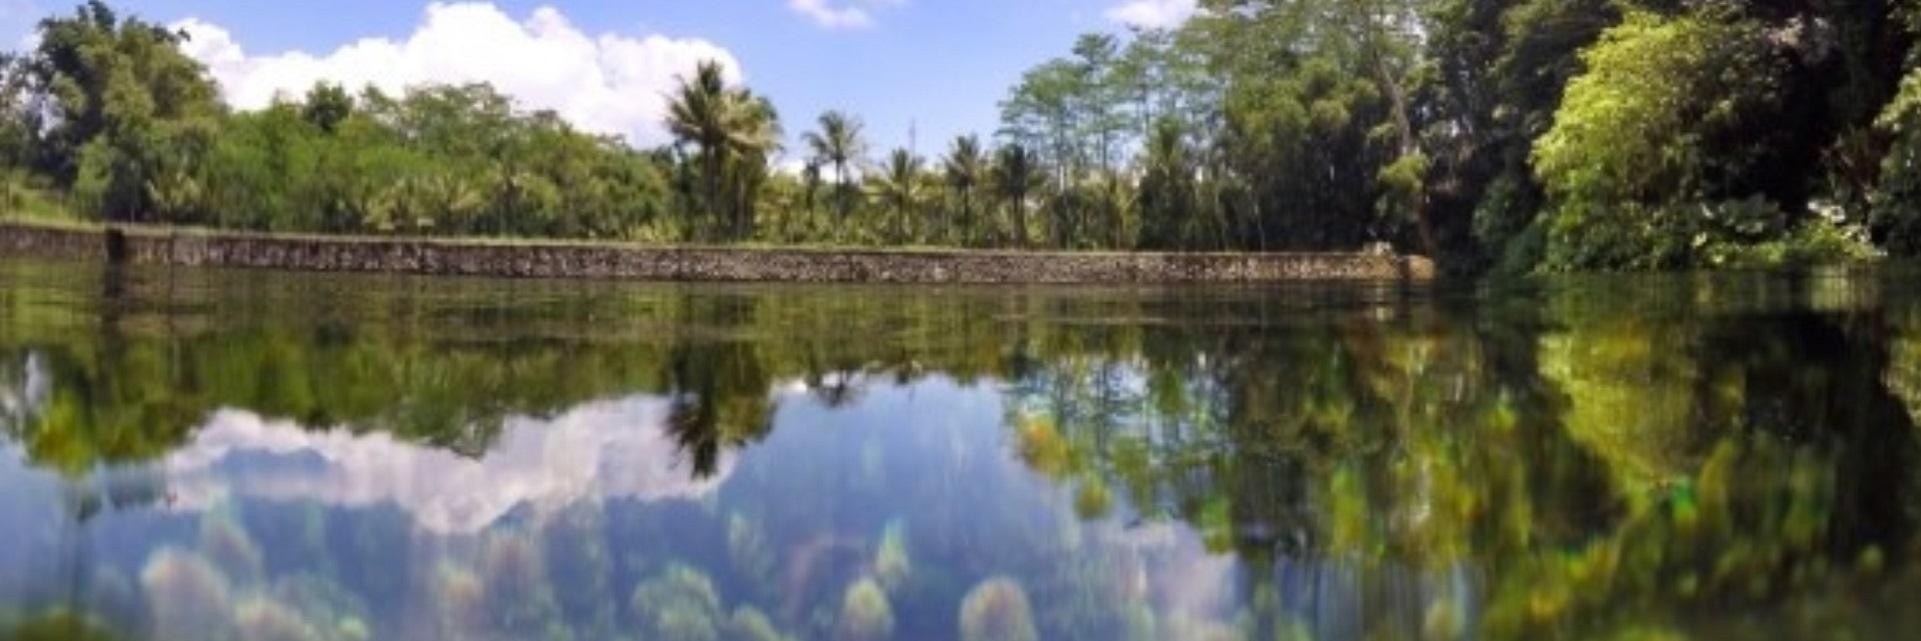 Sumber Sira, Malang, Kabupaten Malang, Dolan Dolen, Dolaners Sumber Sira via VERZAMALANG - Dolan Dolen